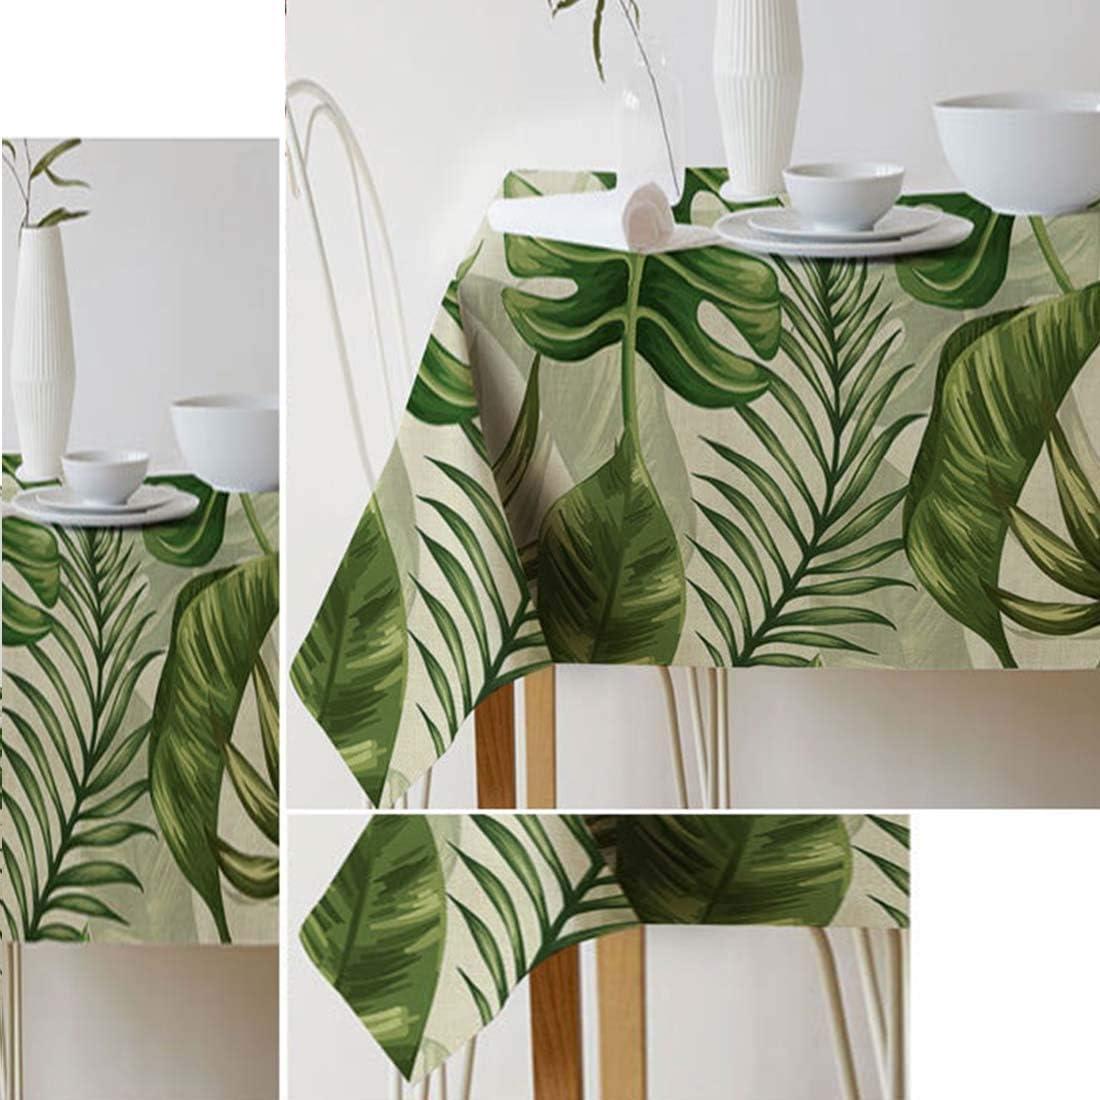 GWELL Gr/üne Pflanze Tischdecke Leinen Tischtuch Pflegeleichte Tischw/äsche Tischl/äufer Eckig viele Gr/ö/ße Farbe w/ählbar 100/×140cm Blatt-G